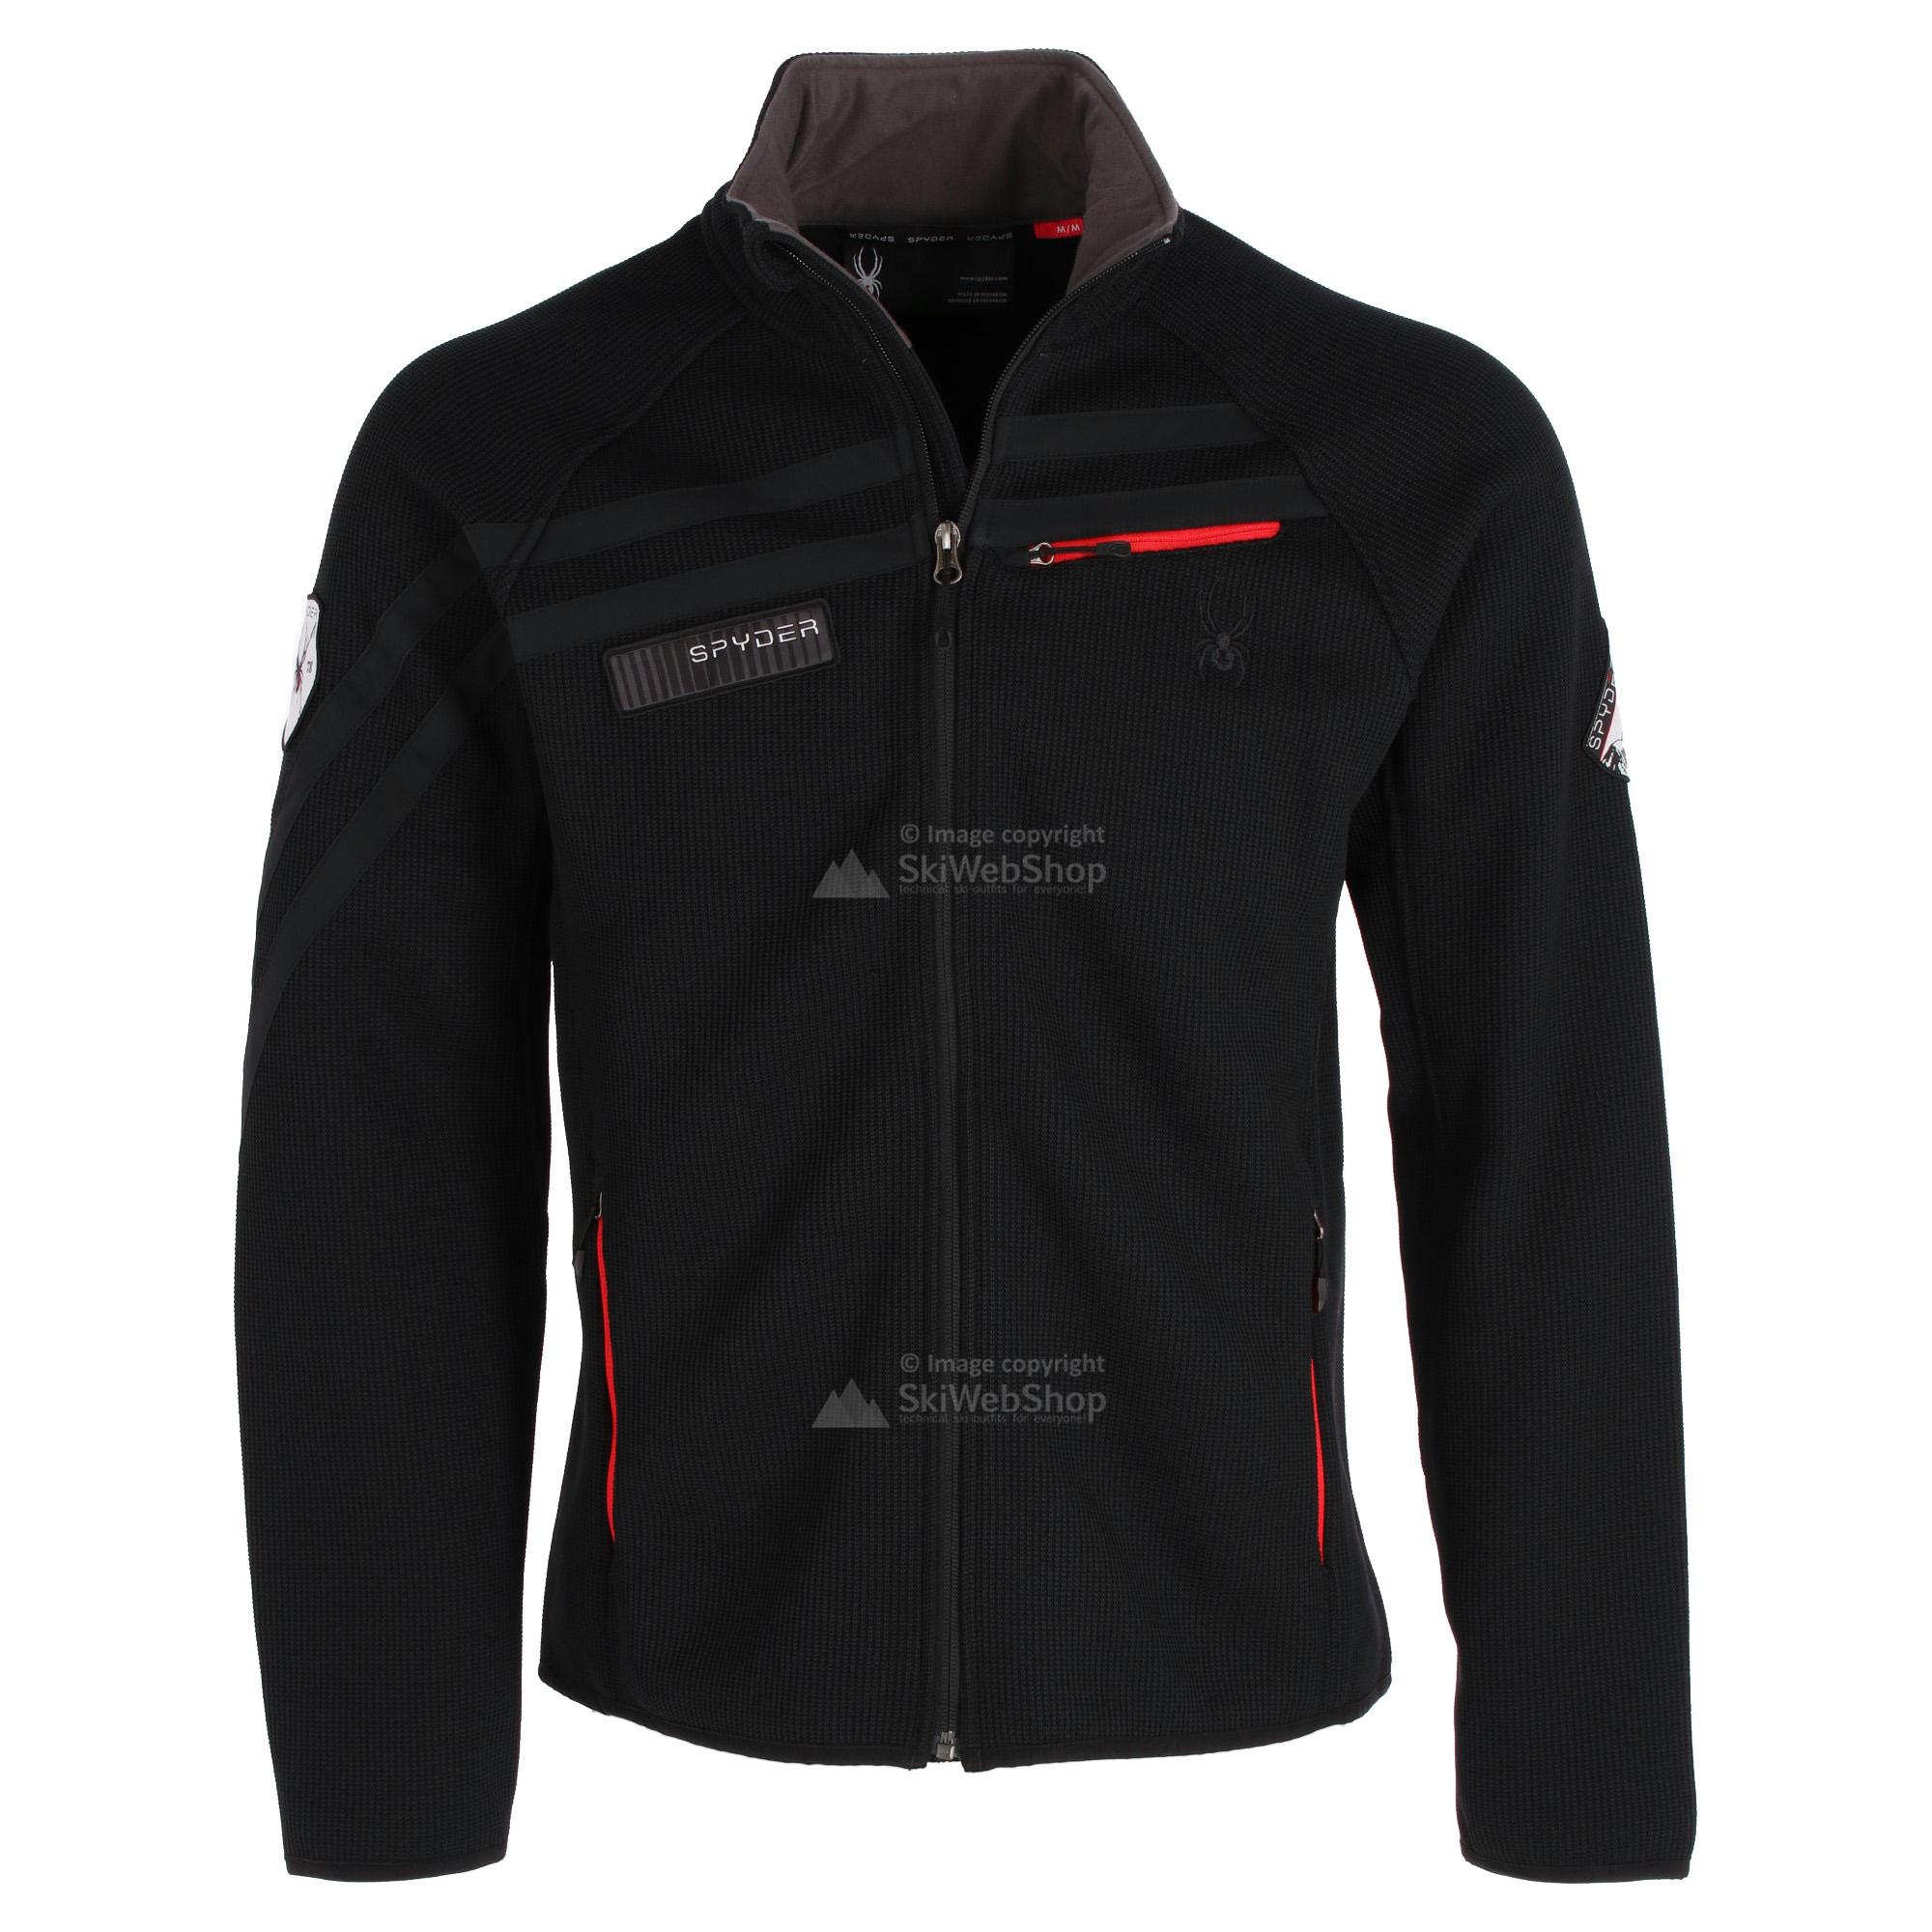 Spyder, Wengen Full Zip, midlayer jacket, men, black